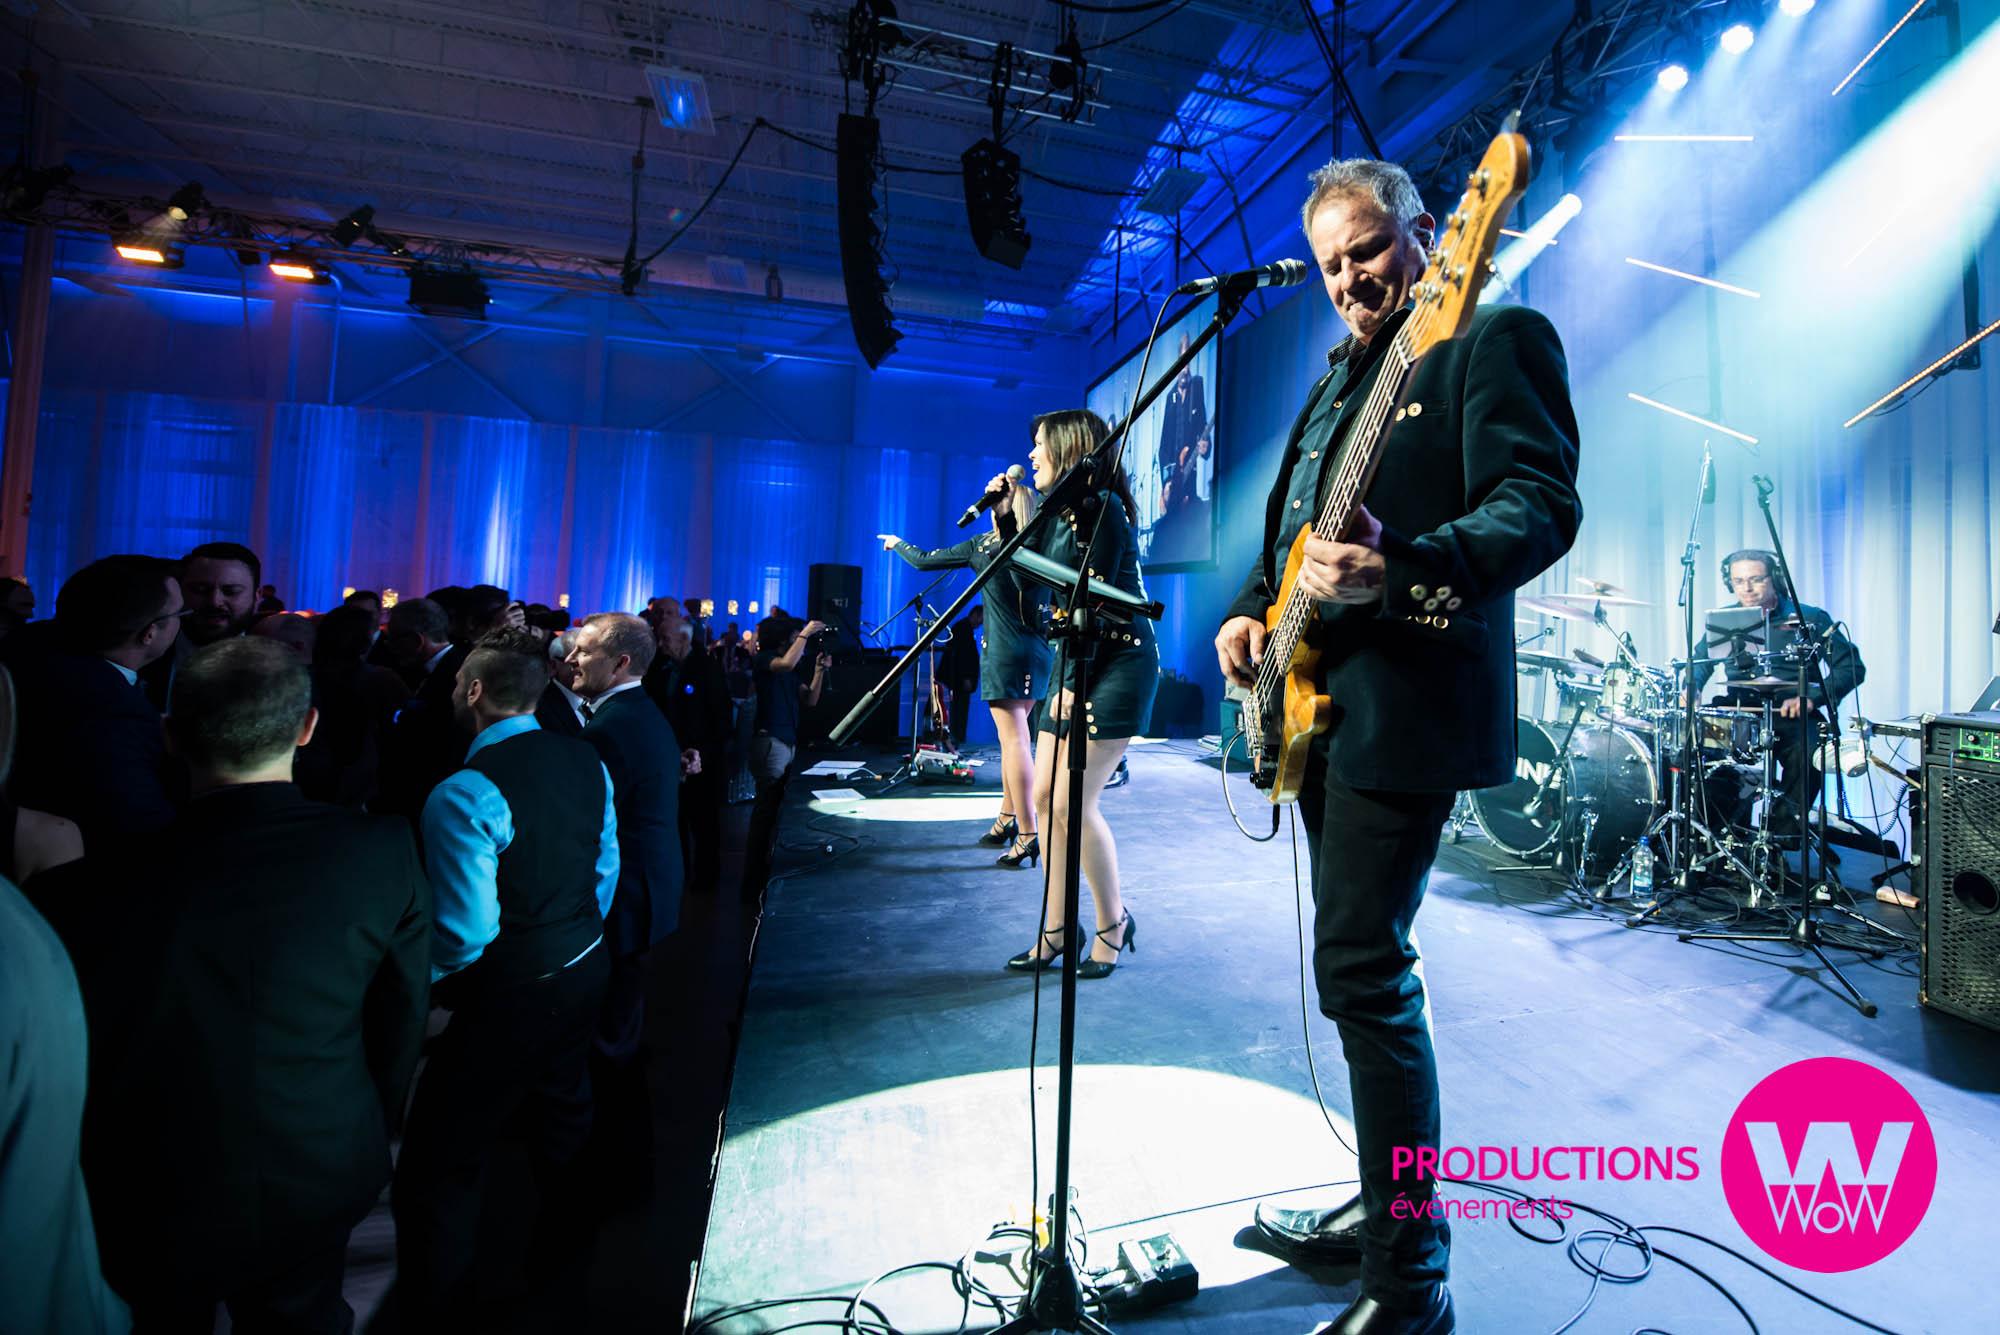 Groupe musicale, congrès, événements party